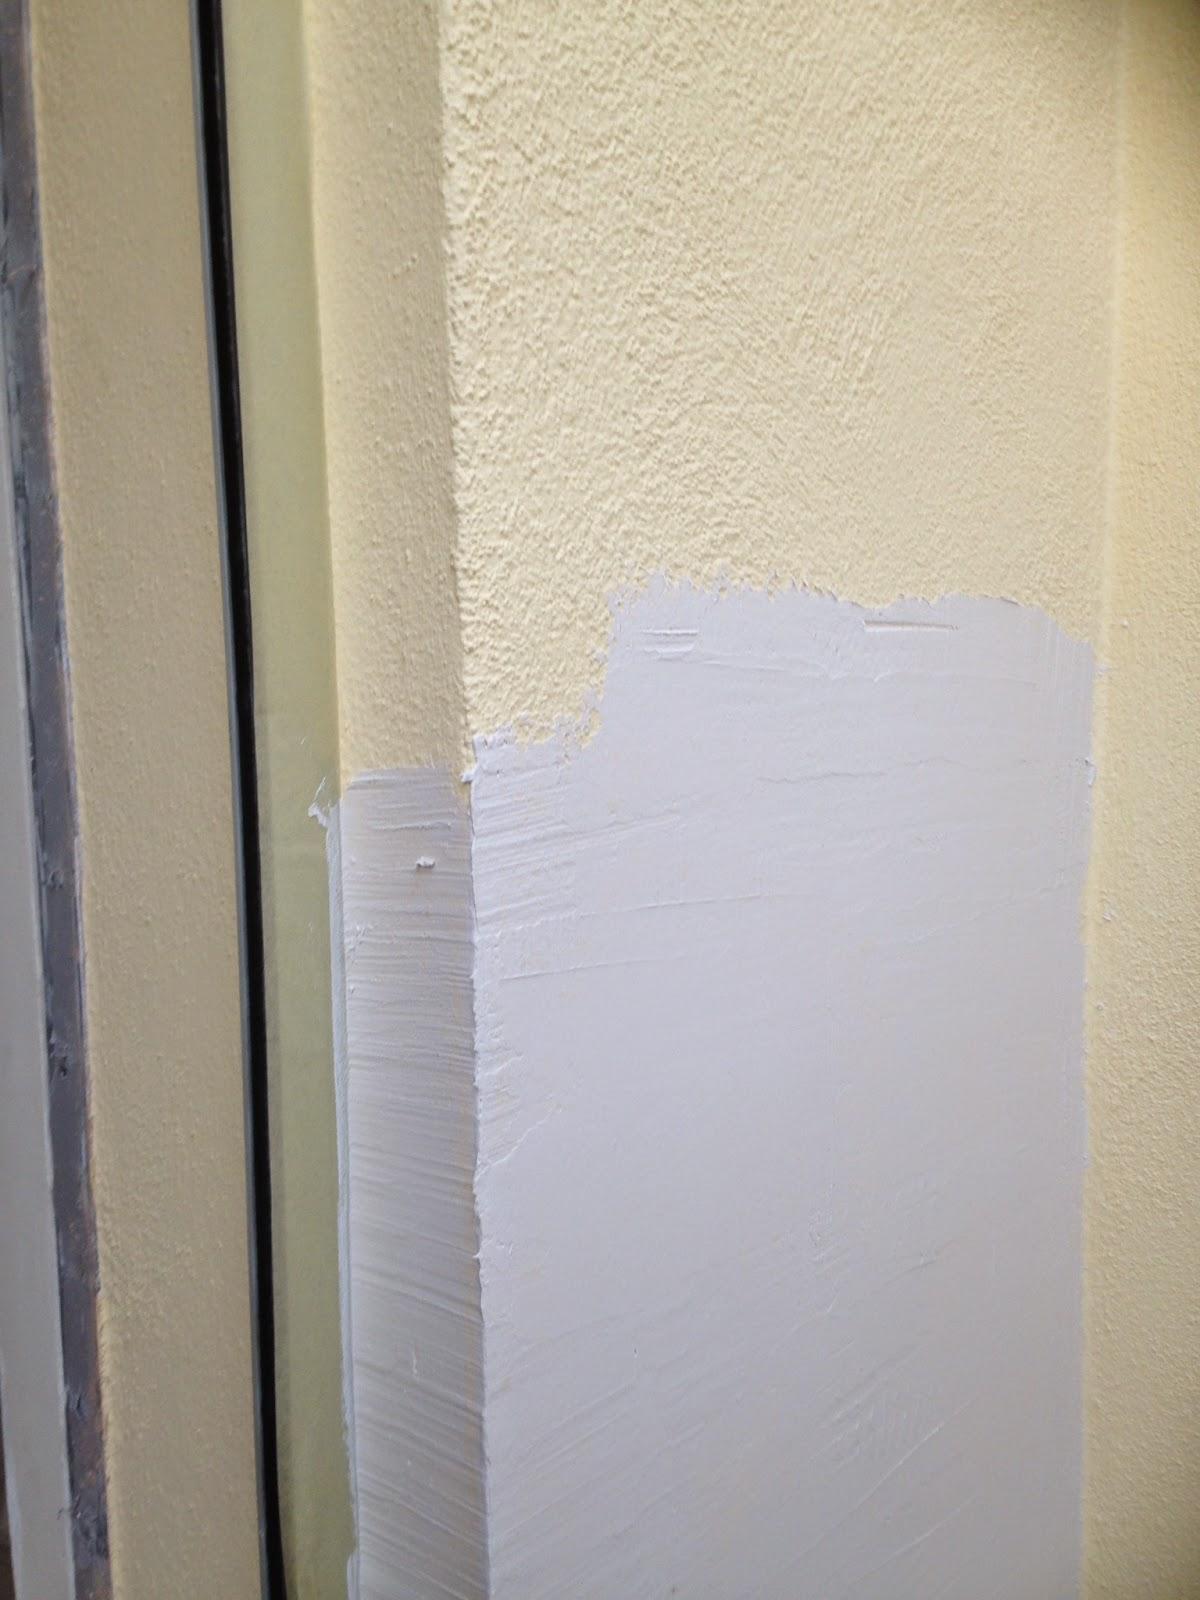 travaux faciles lisser des murs l 39 enduit cr pis ou. Black Bedroom Furniture Sets. Home Design Ideas